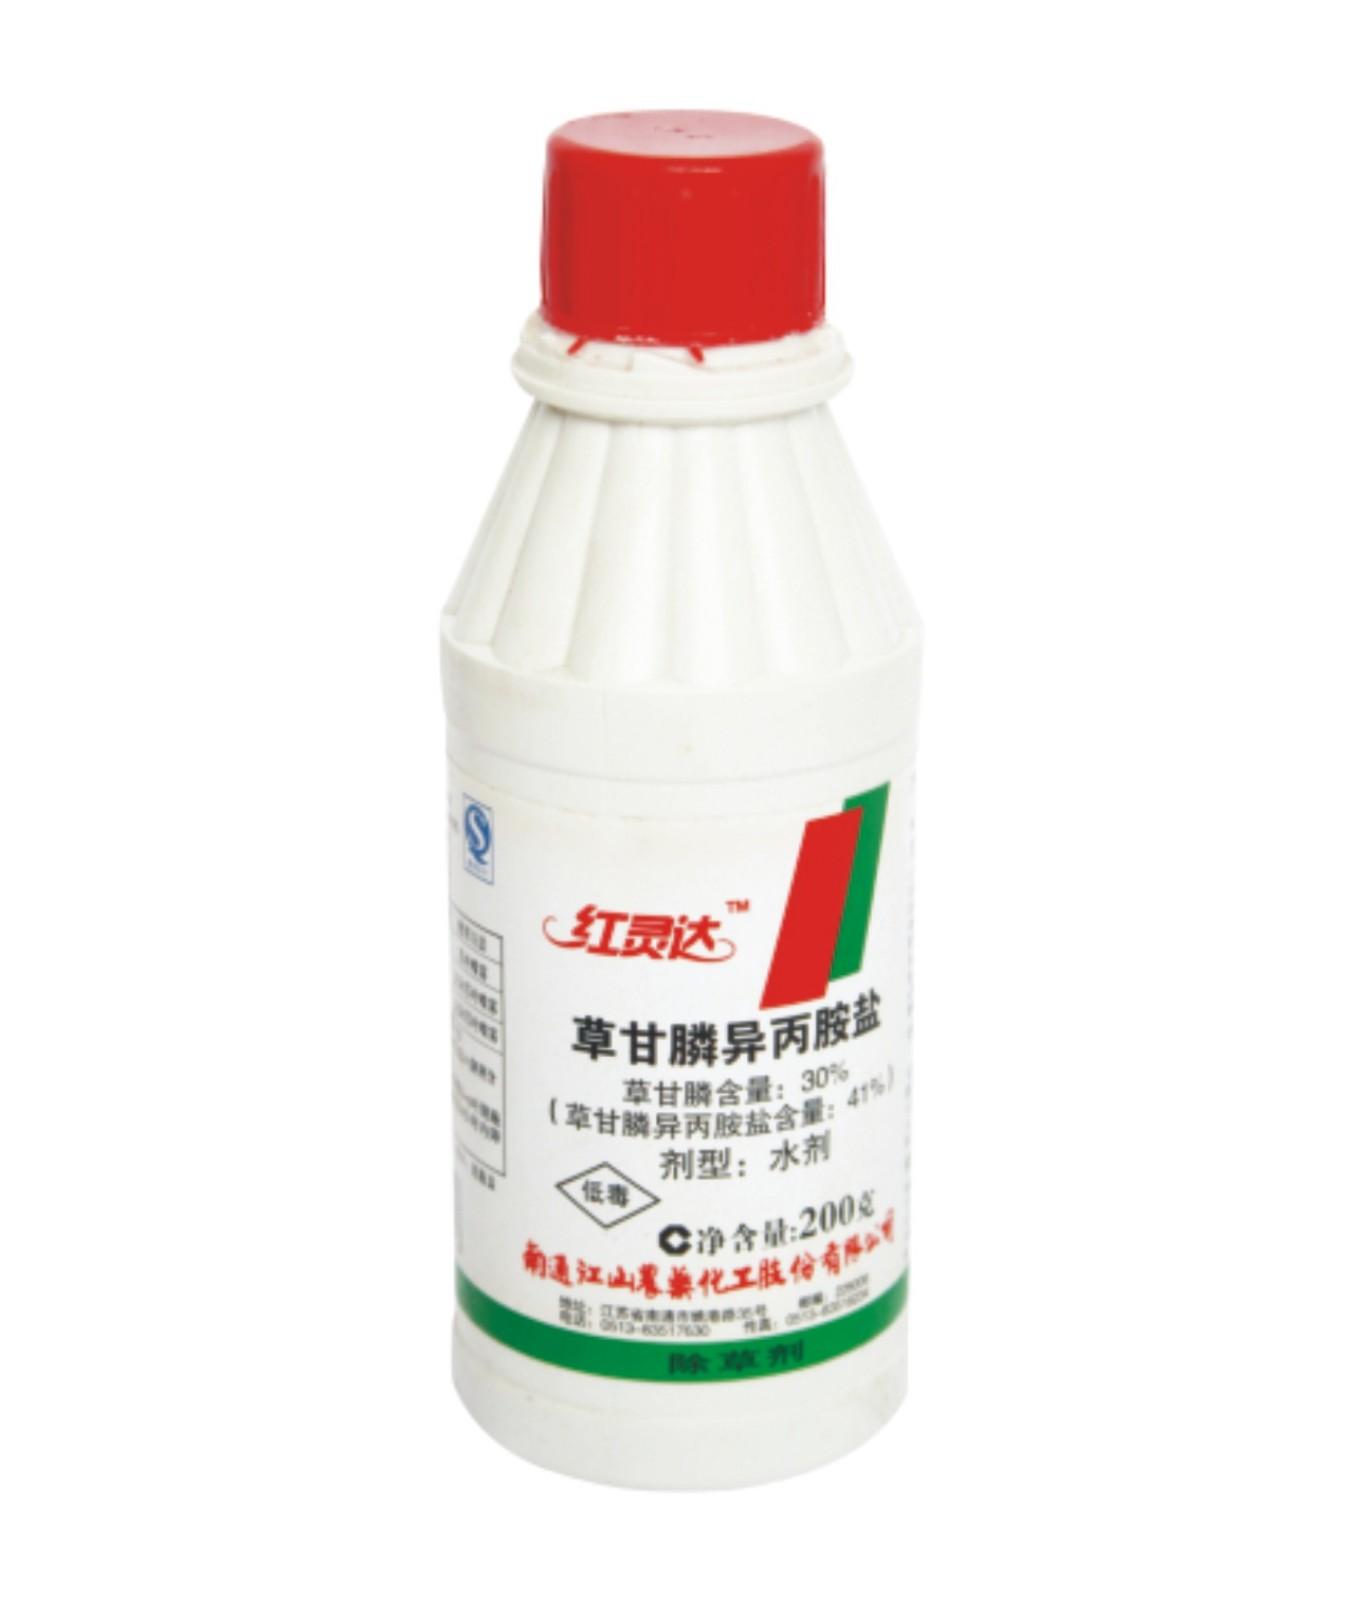 红灵达  草甘膦异丙胺盐